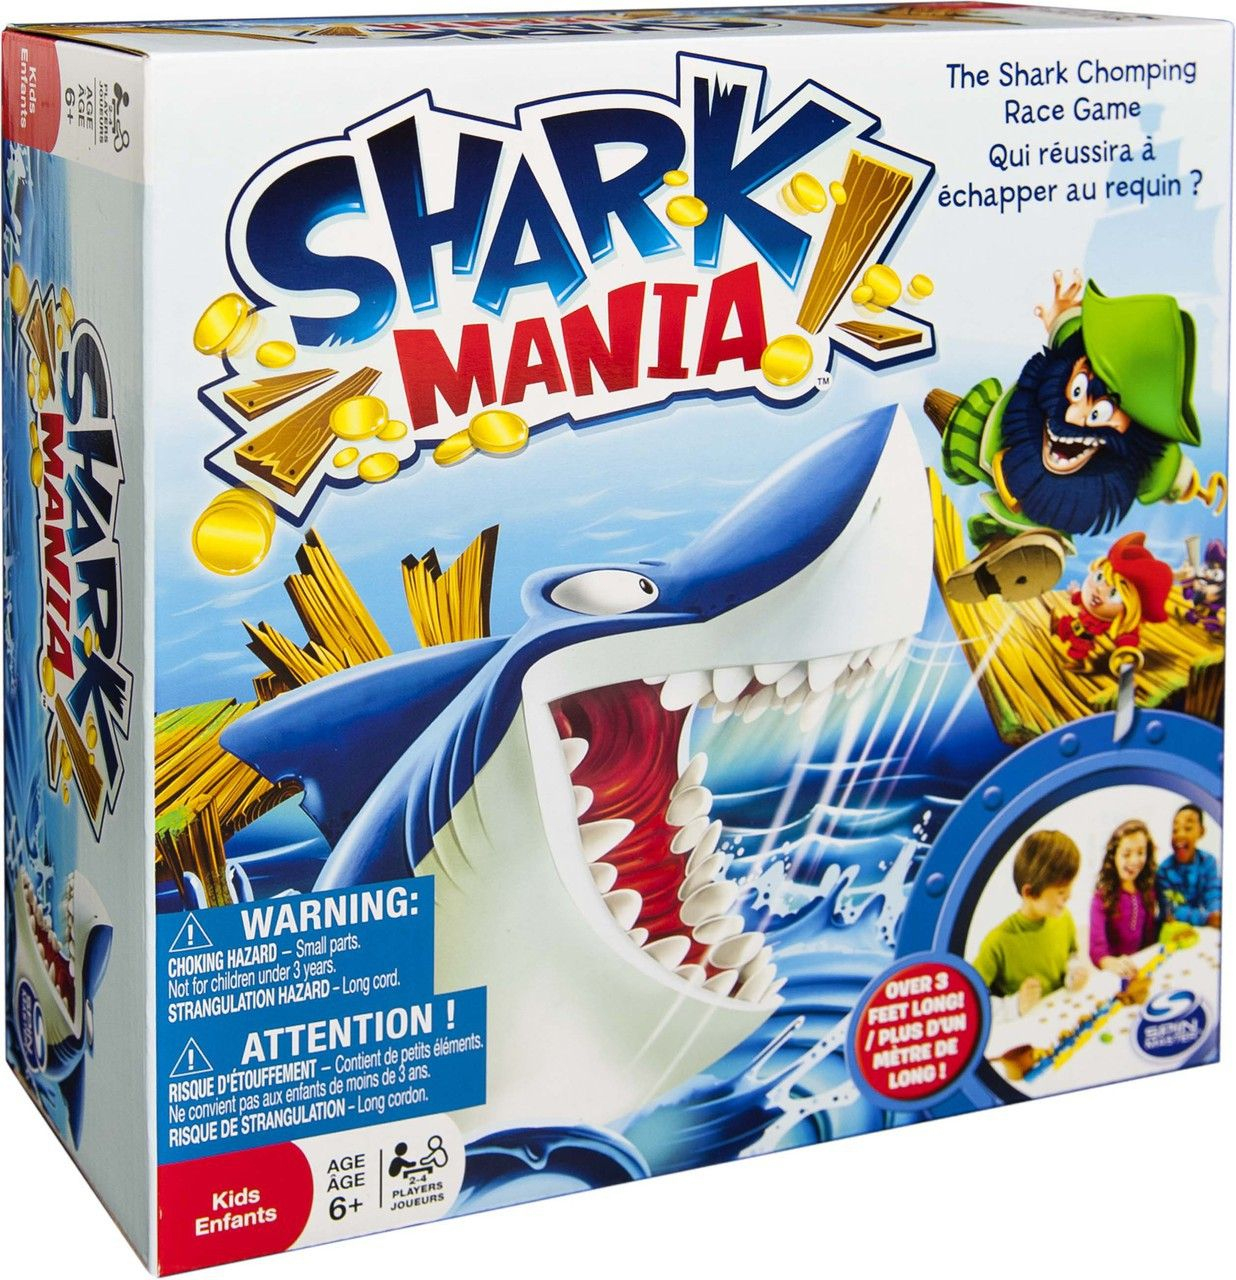 Épinglé Par Monminimi Blog Sur Banc D'essai | Jeux De concernant Jeu De Societe Requin